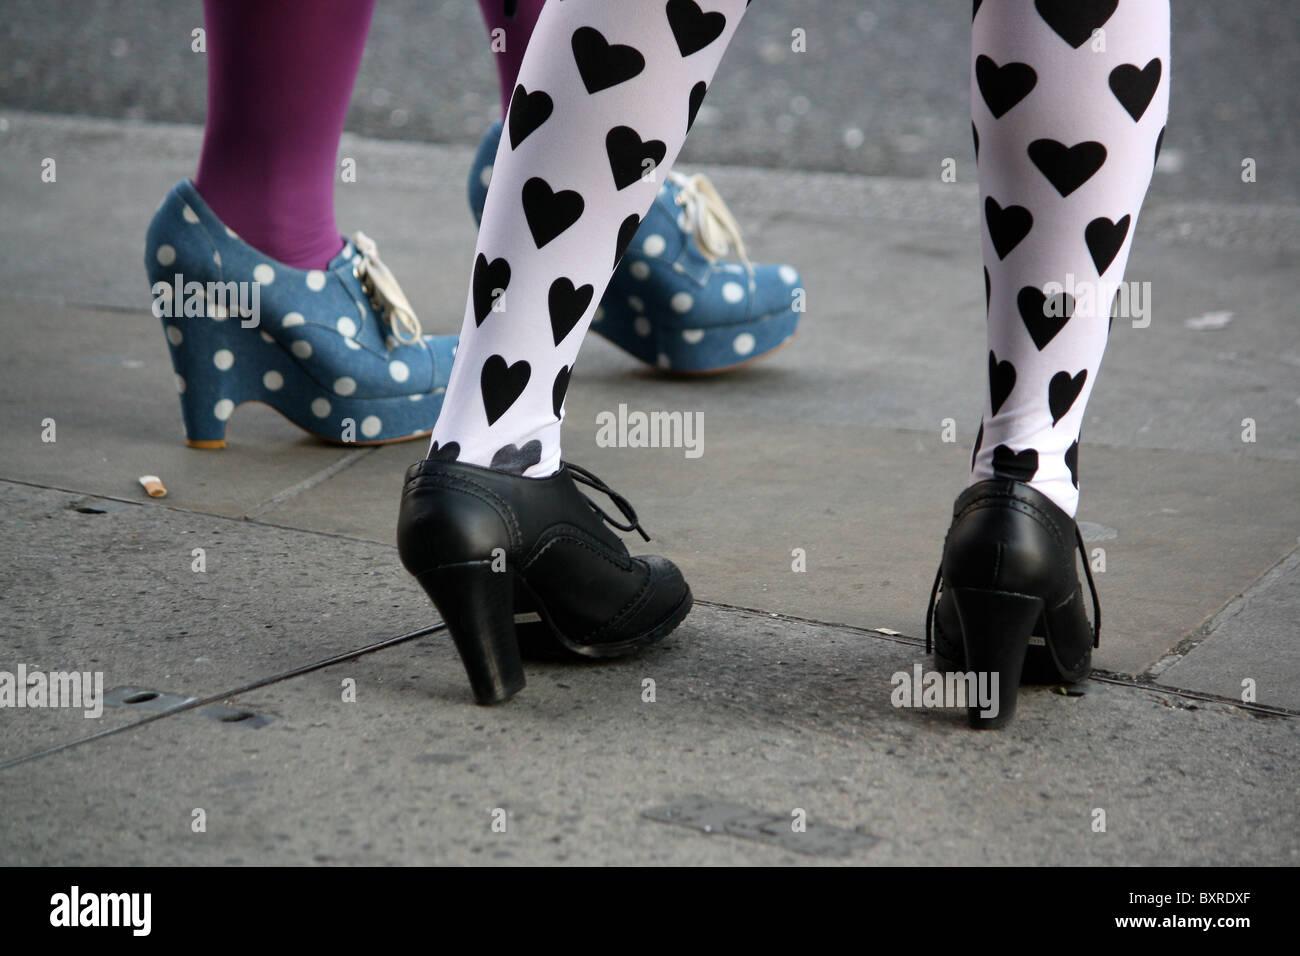 Vista recortada de mujeres de pie en la calle vistiendo leotardos y zapatos de moda rockabilly Imagen De Stock